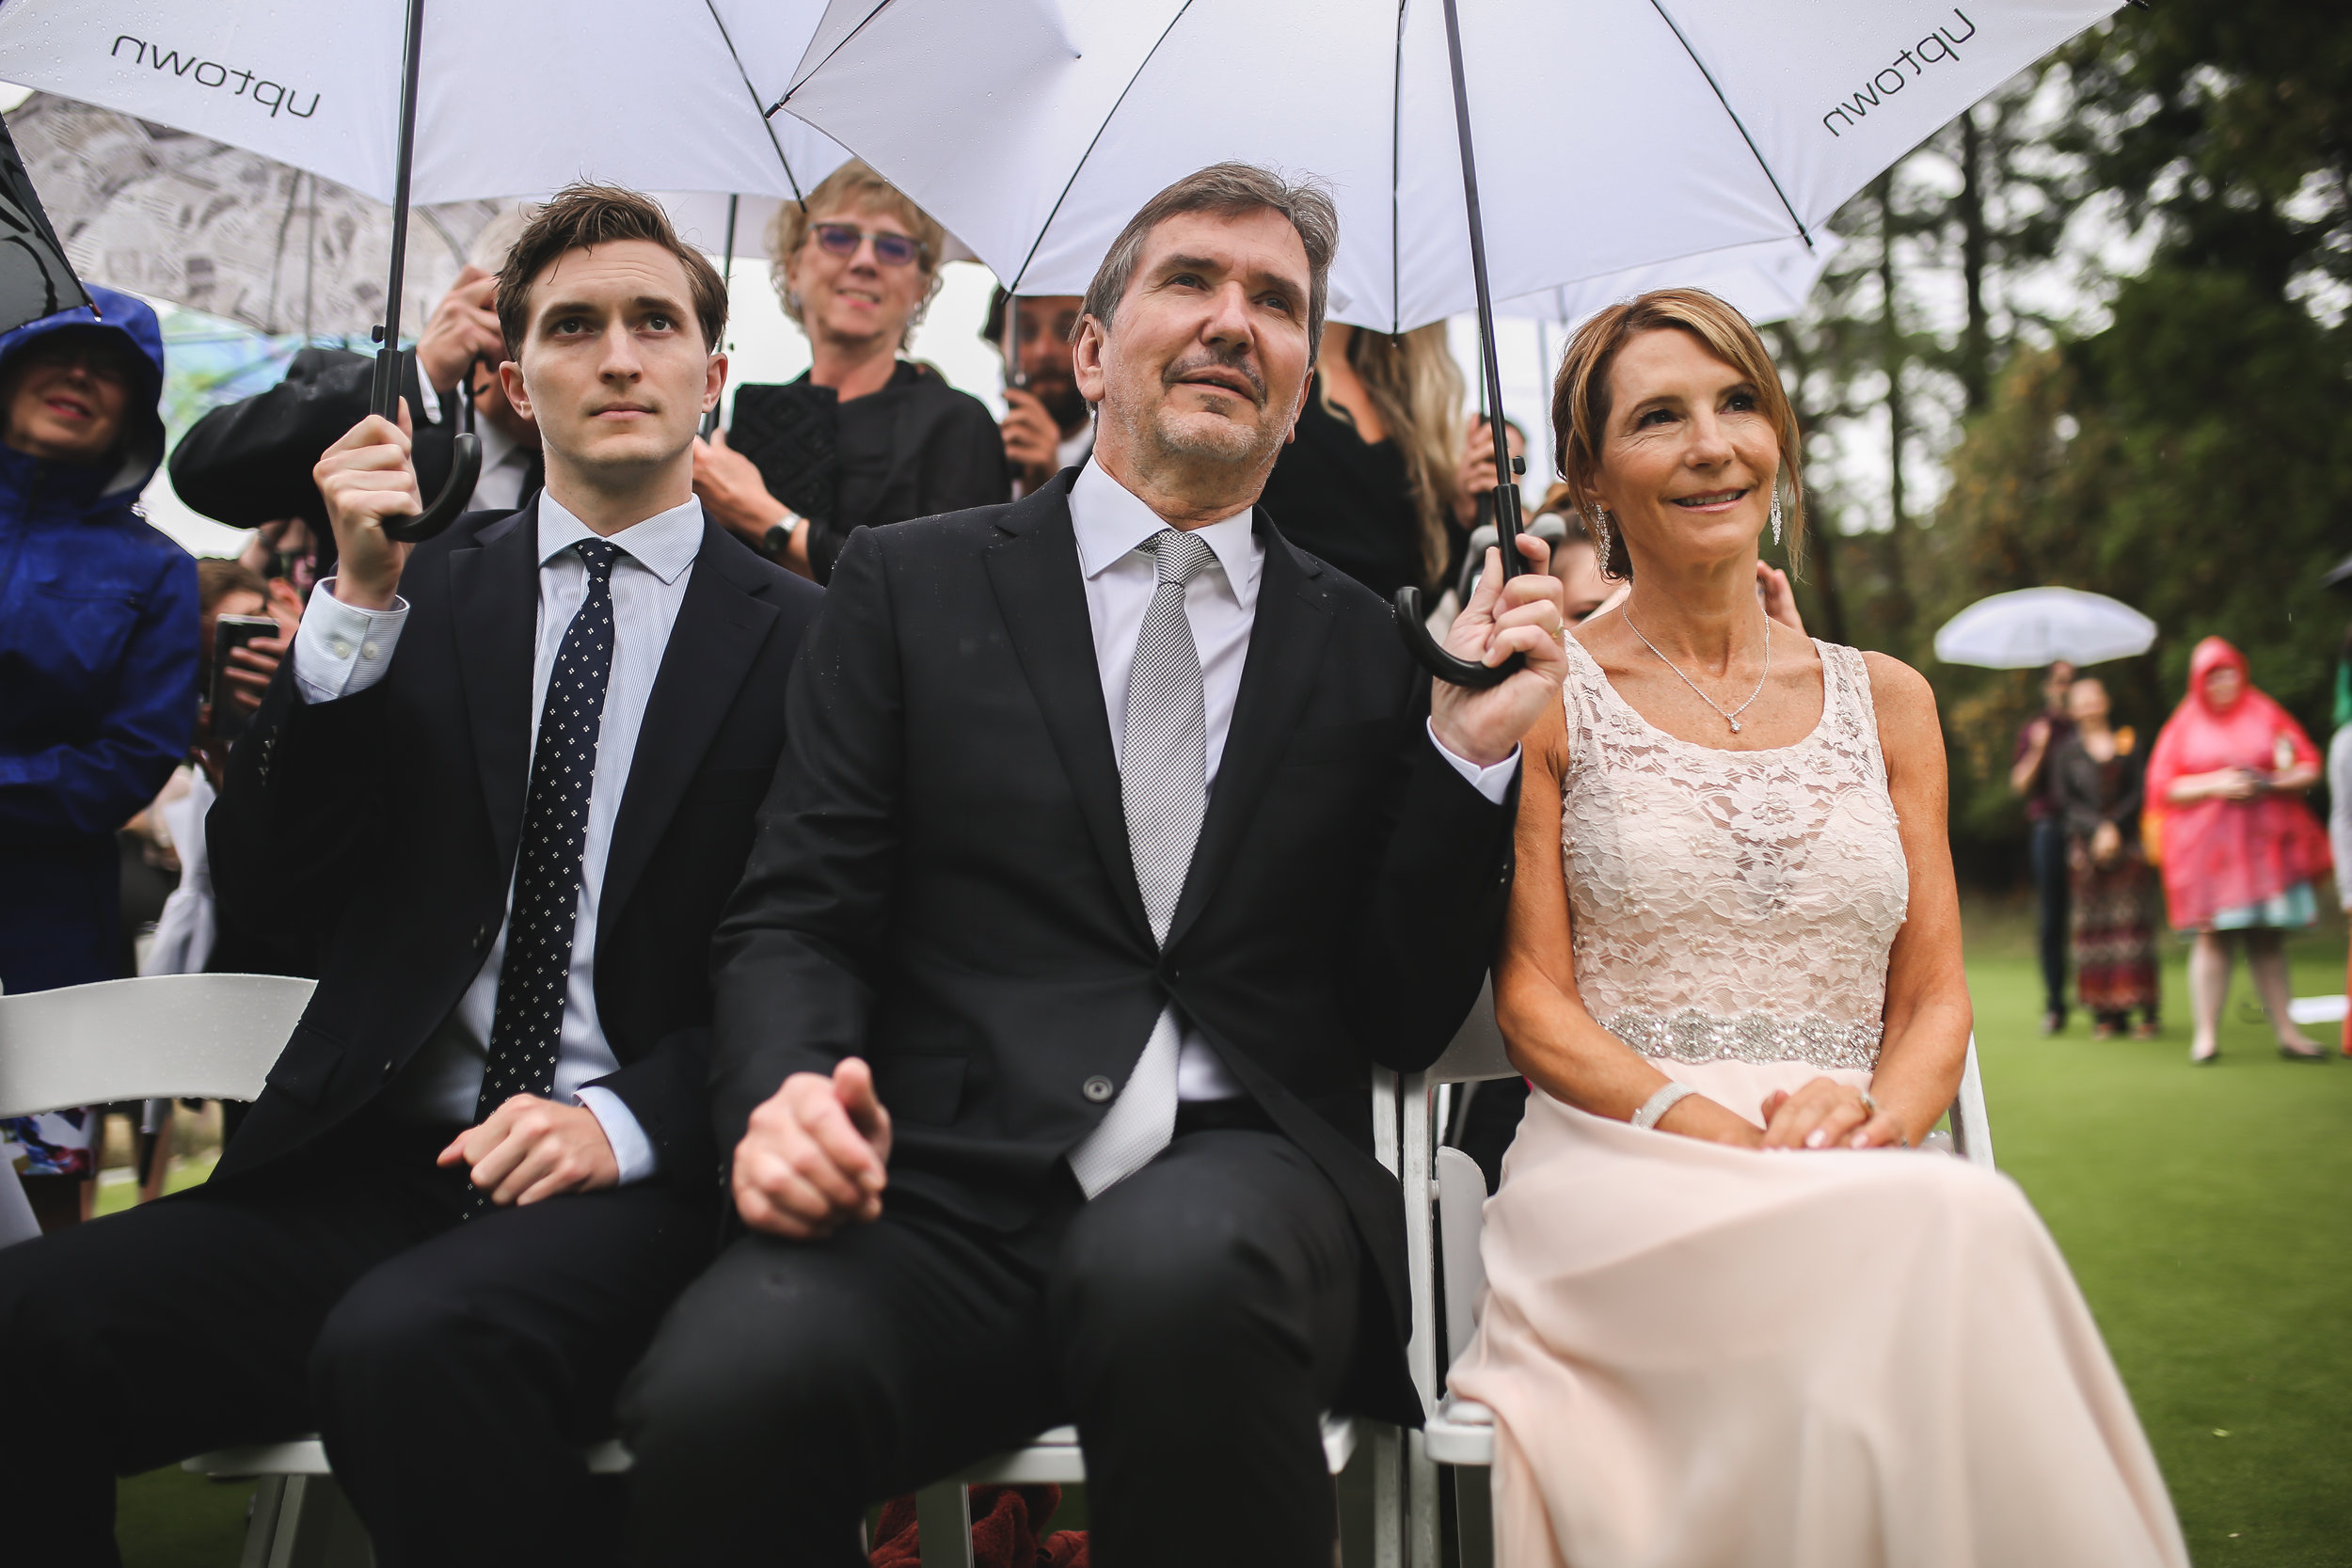 65 Adam Ziorio Photography - Allison & Austin's Wedding.jpg